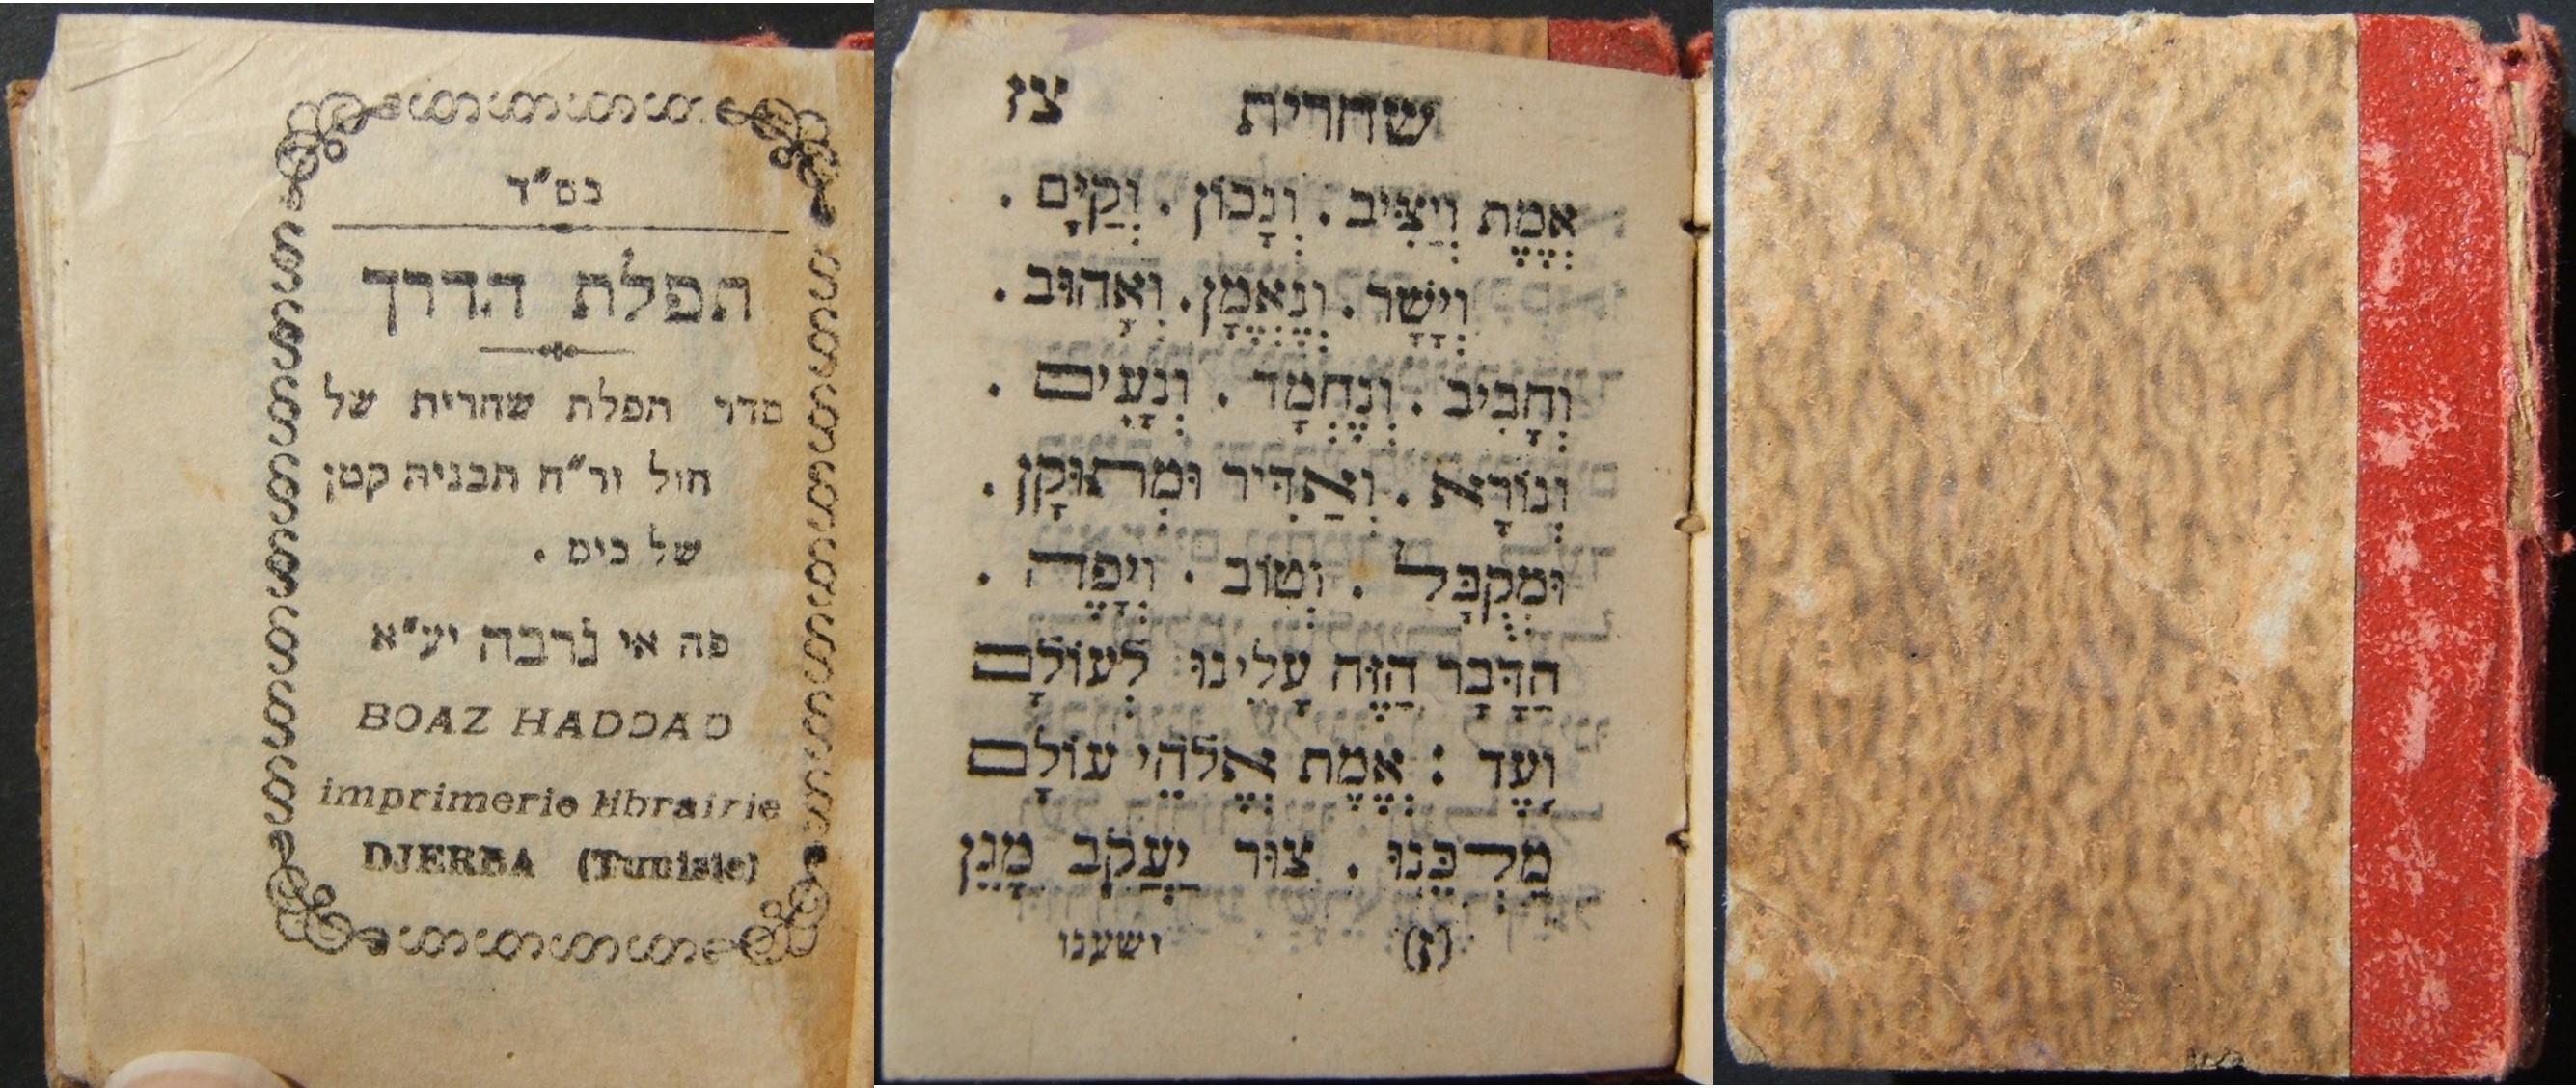 الجريدة اليهودية التونسية جيب سيدت تفلات حديرش بقلـم بواز حداد من جربة ، ثلاثينيات القرن العشرين